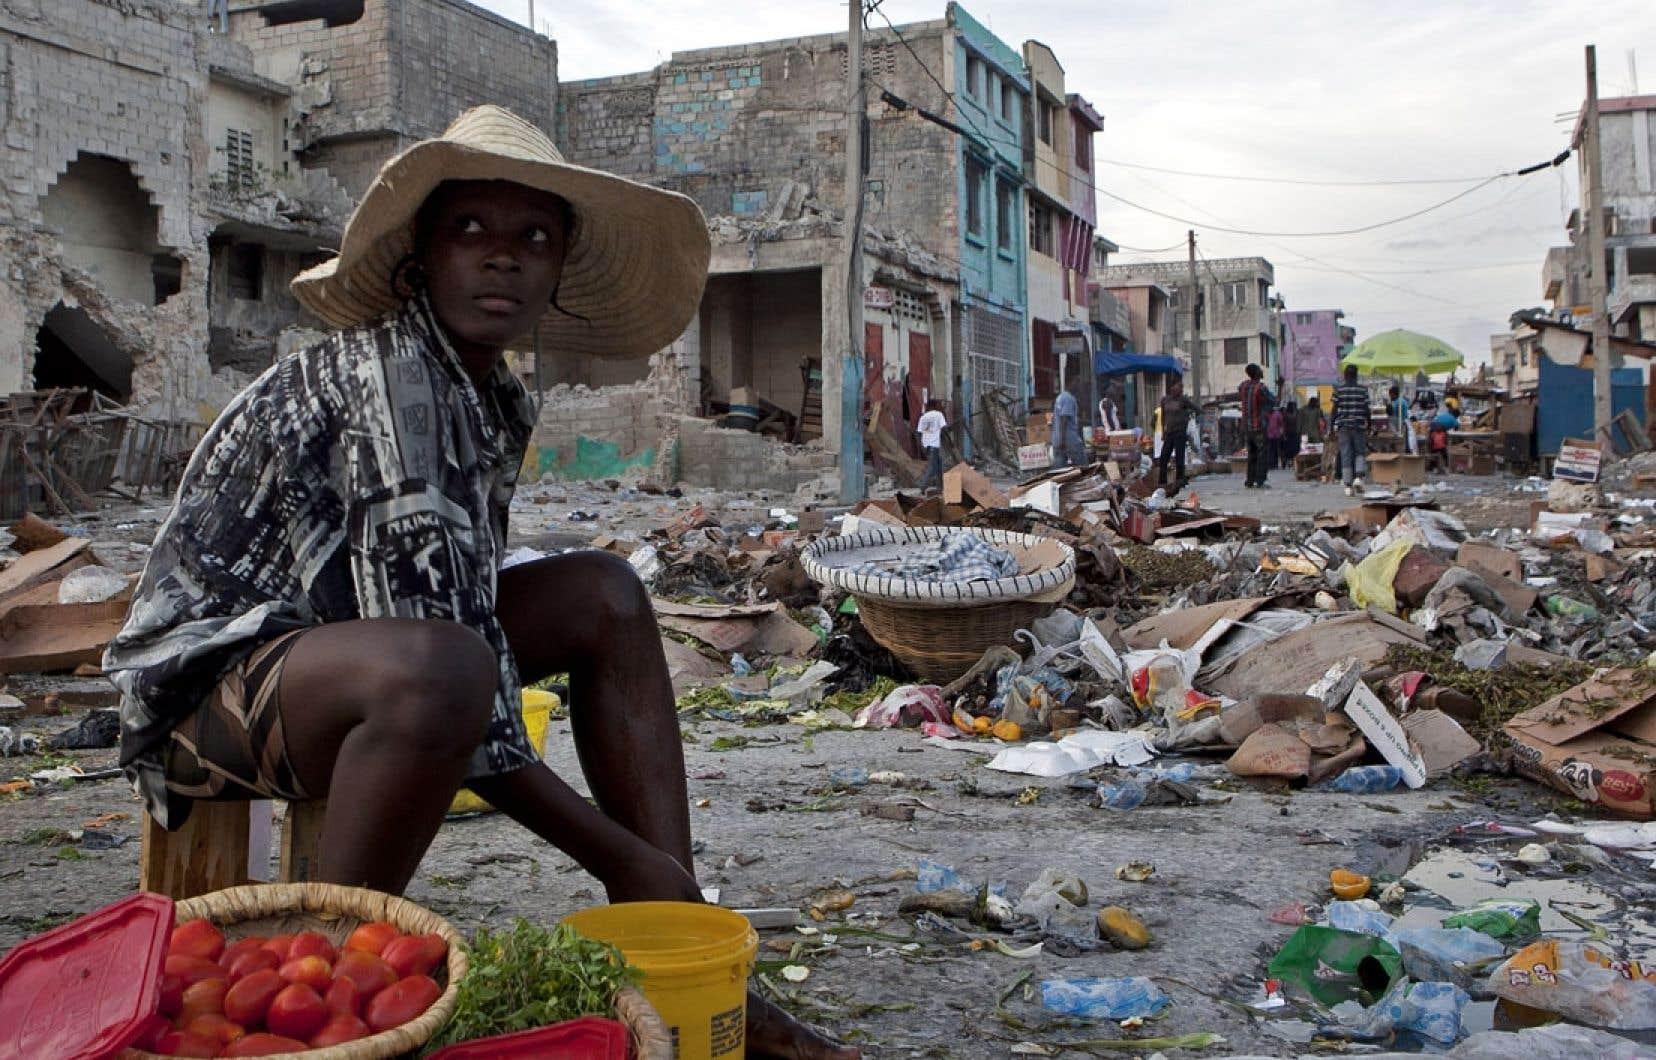 Depuis le tristement célèbre séisme qui l'a dévastée, Haïti tente de se relever. Ici, une femme vend des fruits au milieu des ruines de Port-au-Prince, un an après les événements.